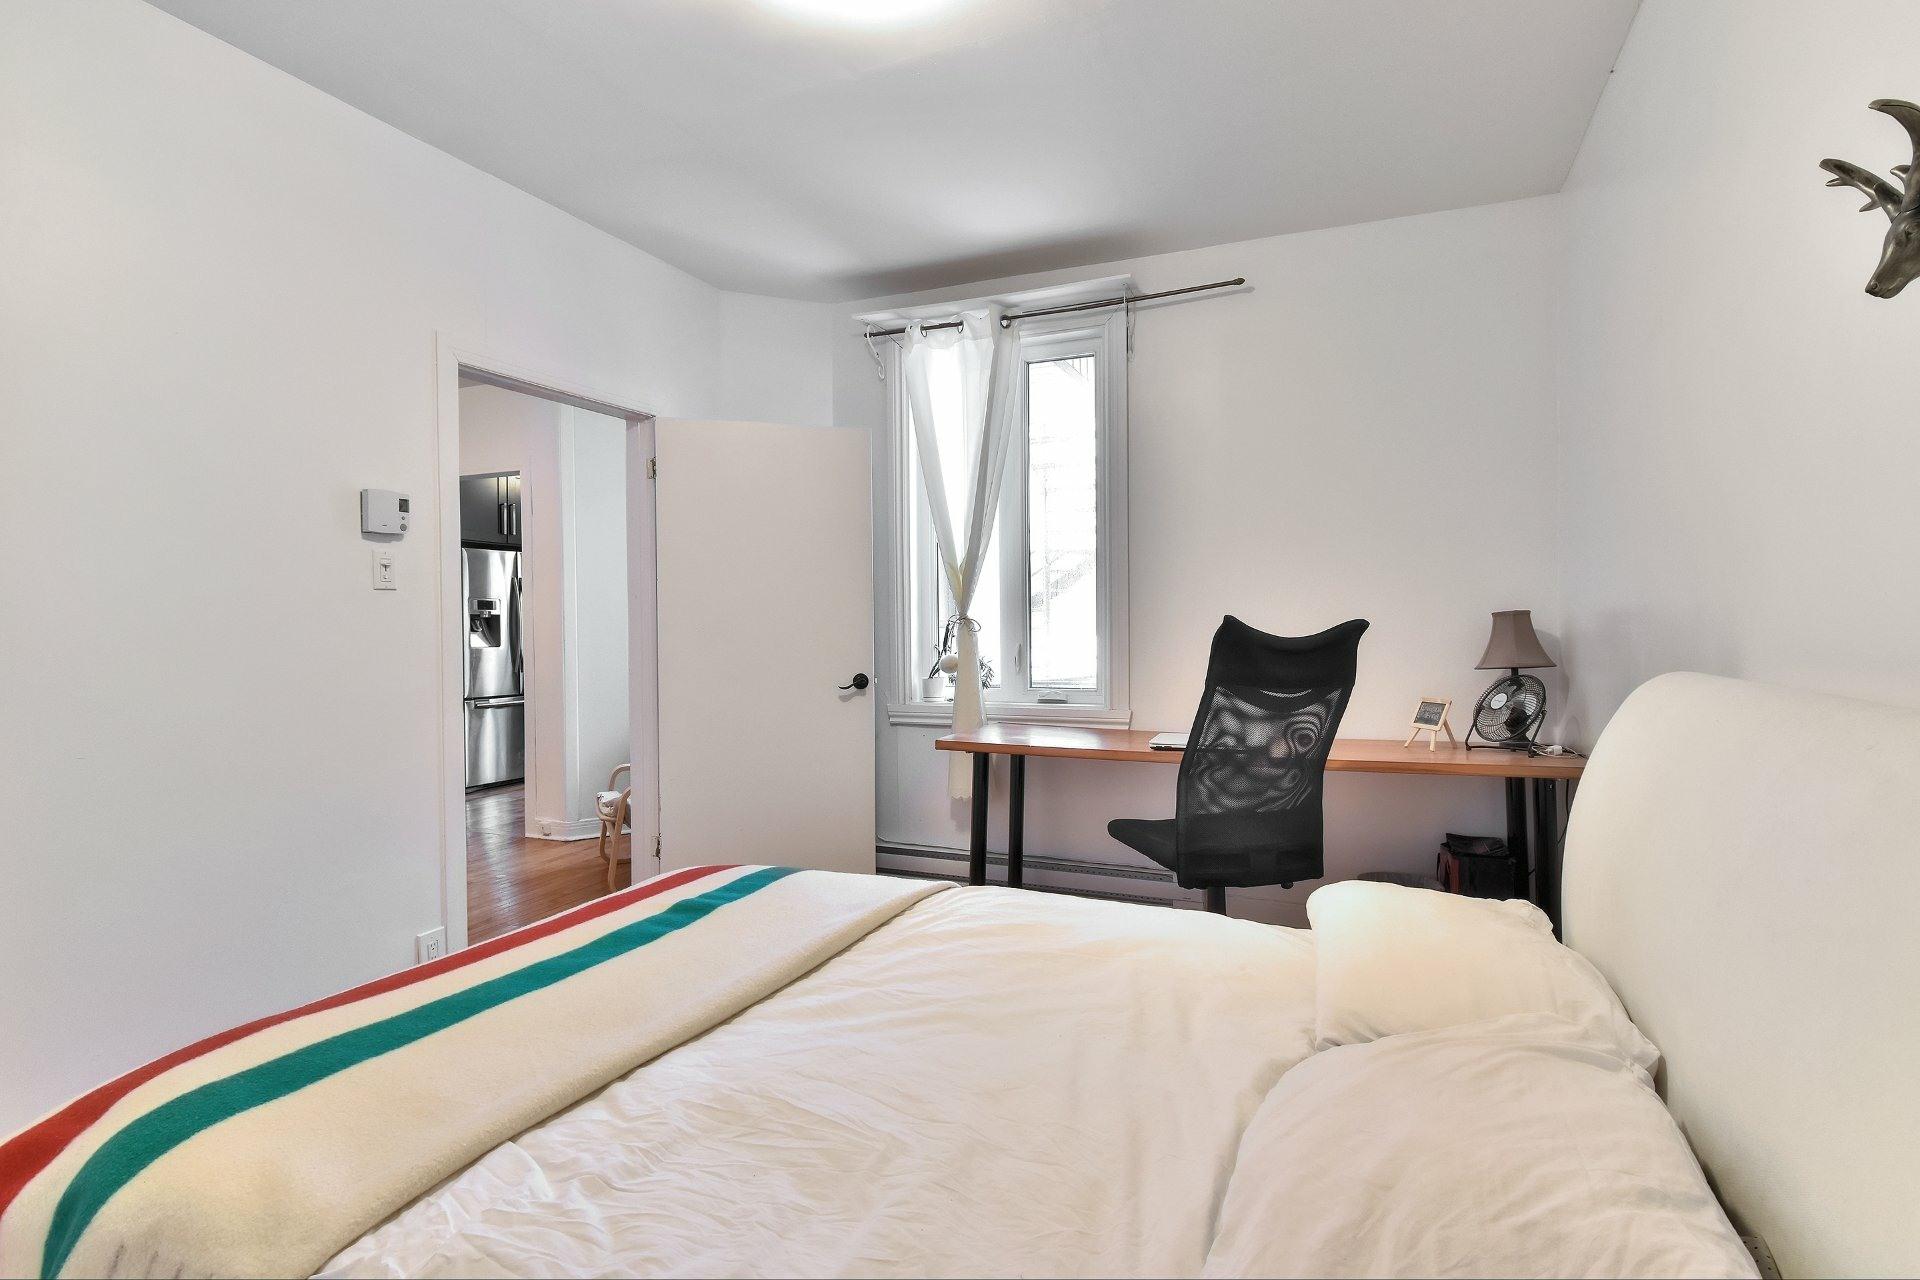 image 19 - Apartment For sale Côte-des-Neiges/Notre-Dame-de-Grâce Montréal  - 7 rooms